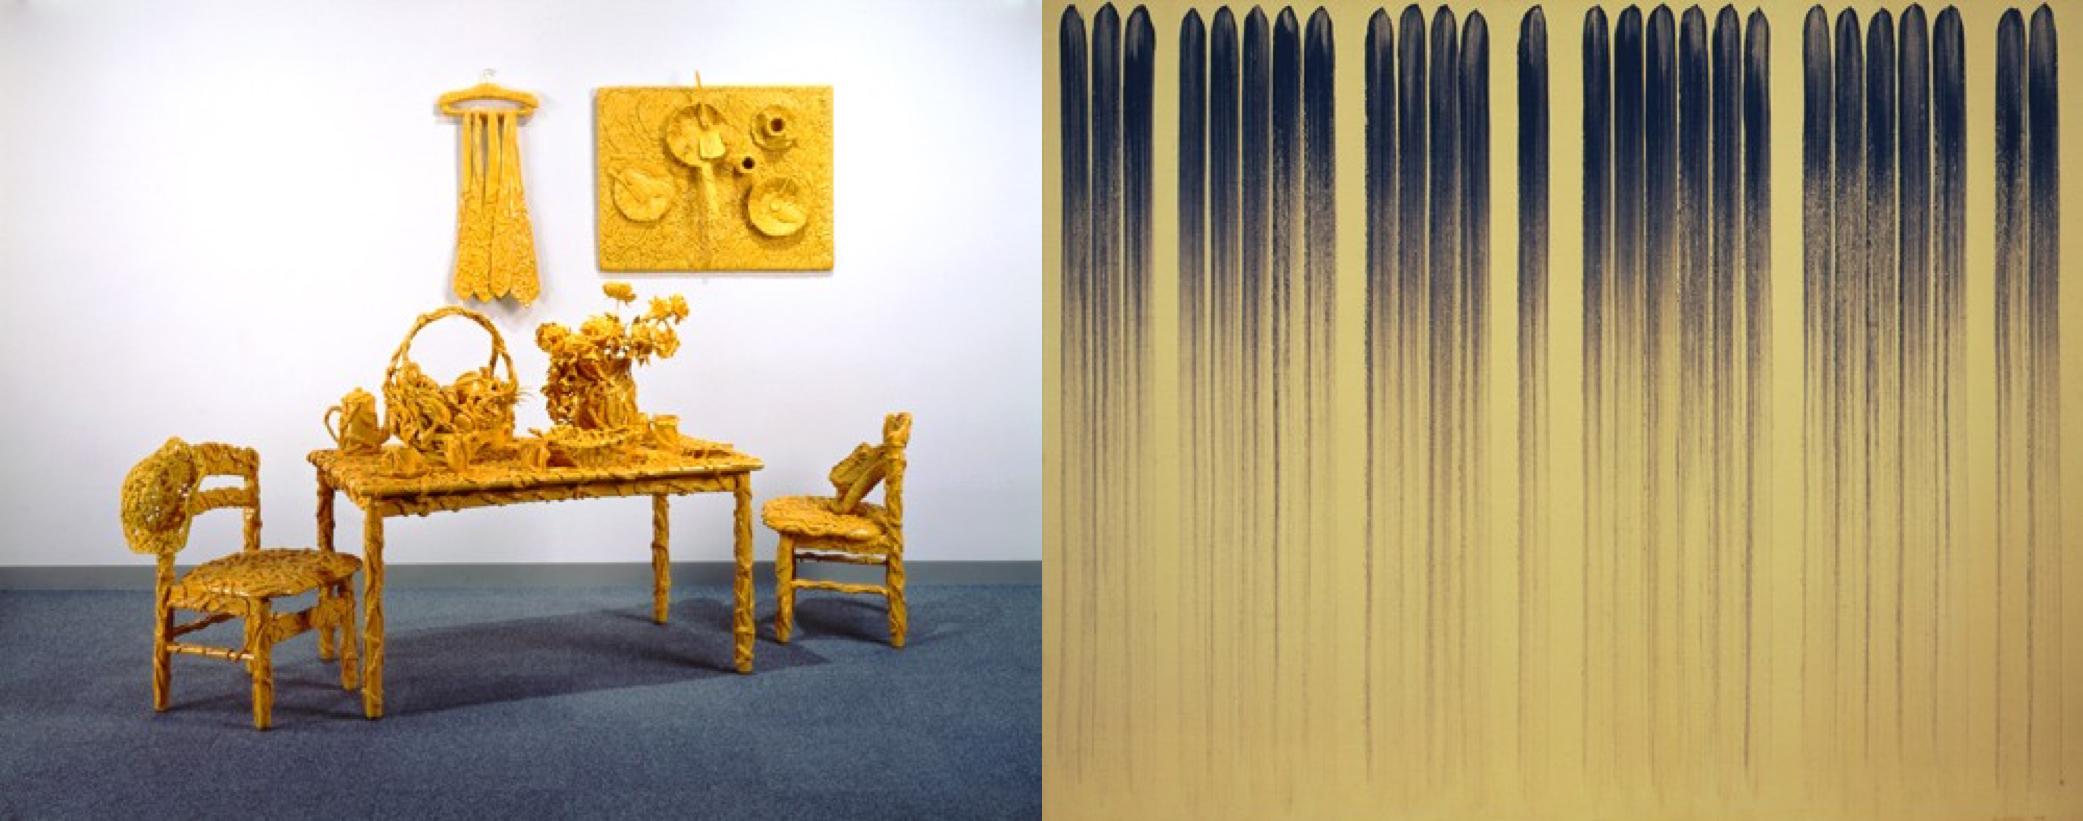 現代美術に魅せられて―原俊夫による原美術館コレクション展